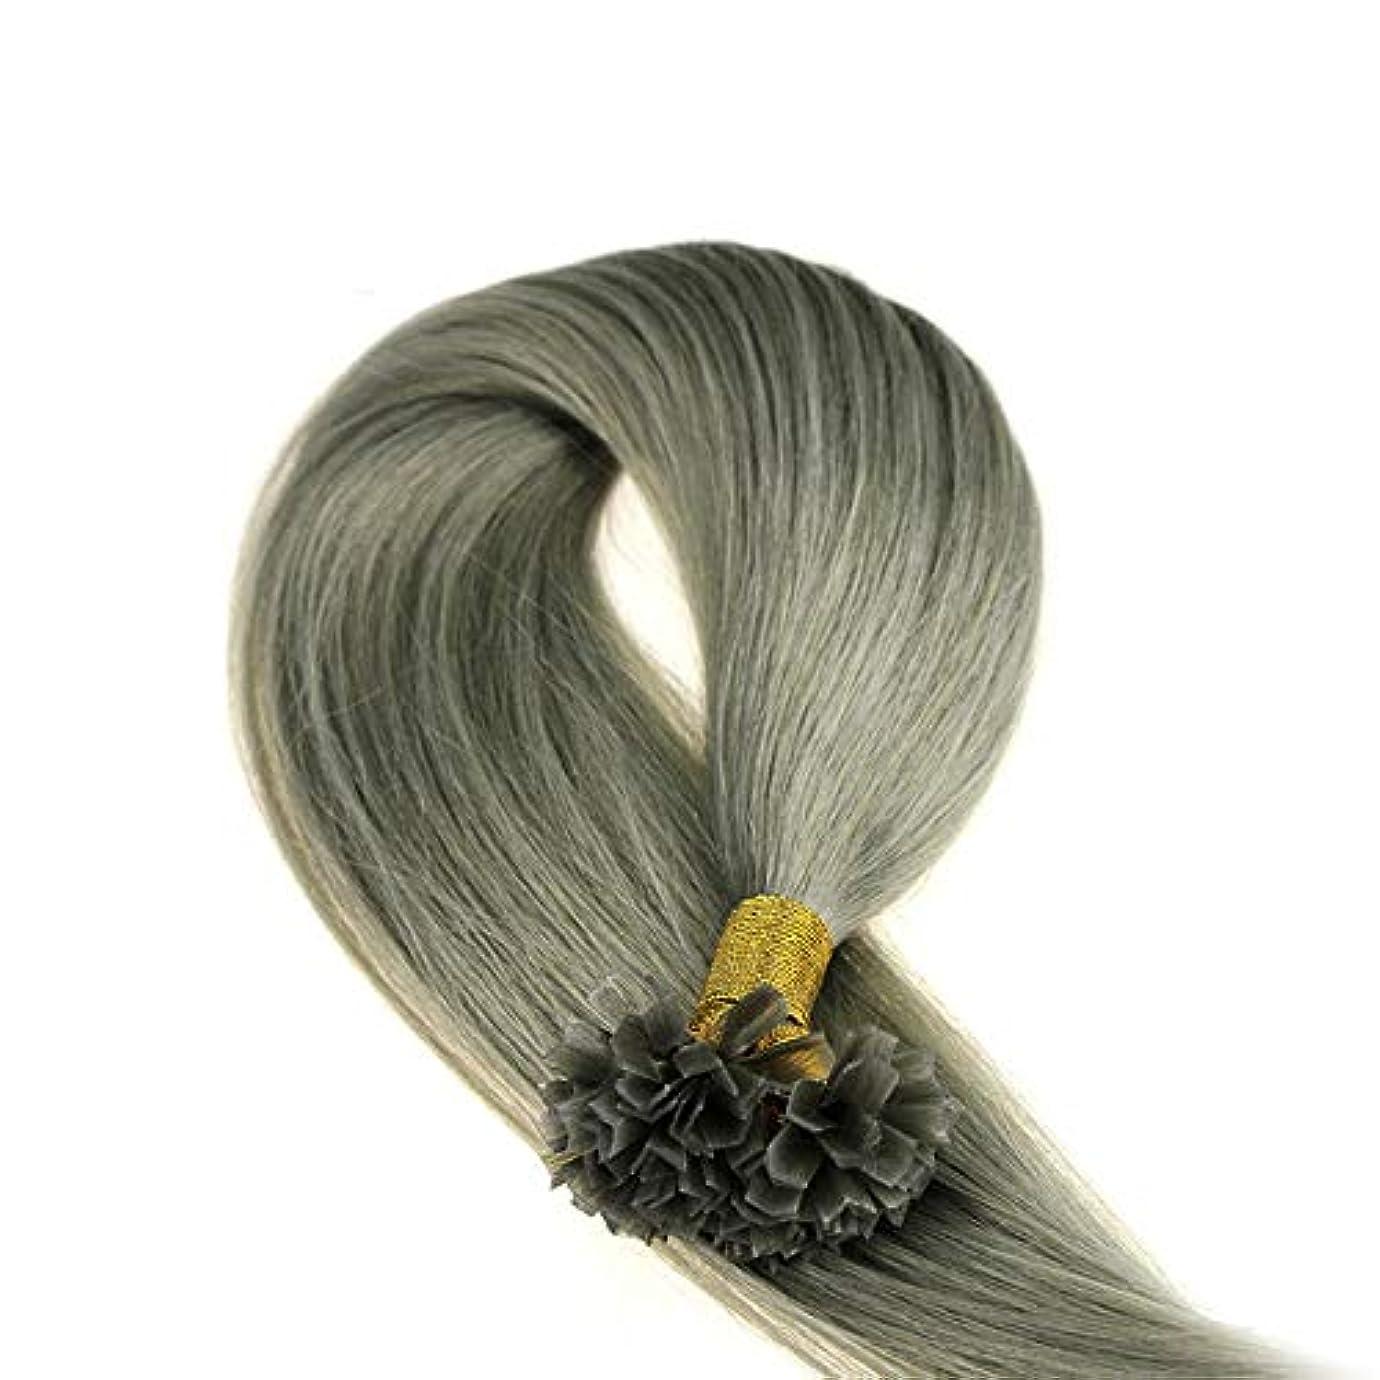 粘土有効チャネルWASAIO ヘアエクステンションクリップUnseamed髪型交換ミックスグレー色のデュアル人間の髪を引かれます (色 : グレー, サイズ : 28 inch)